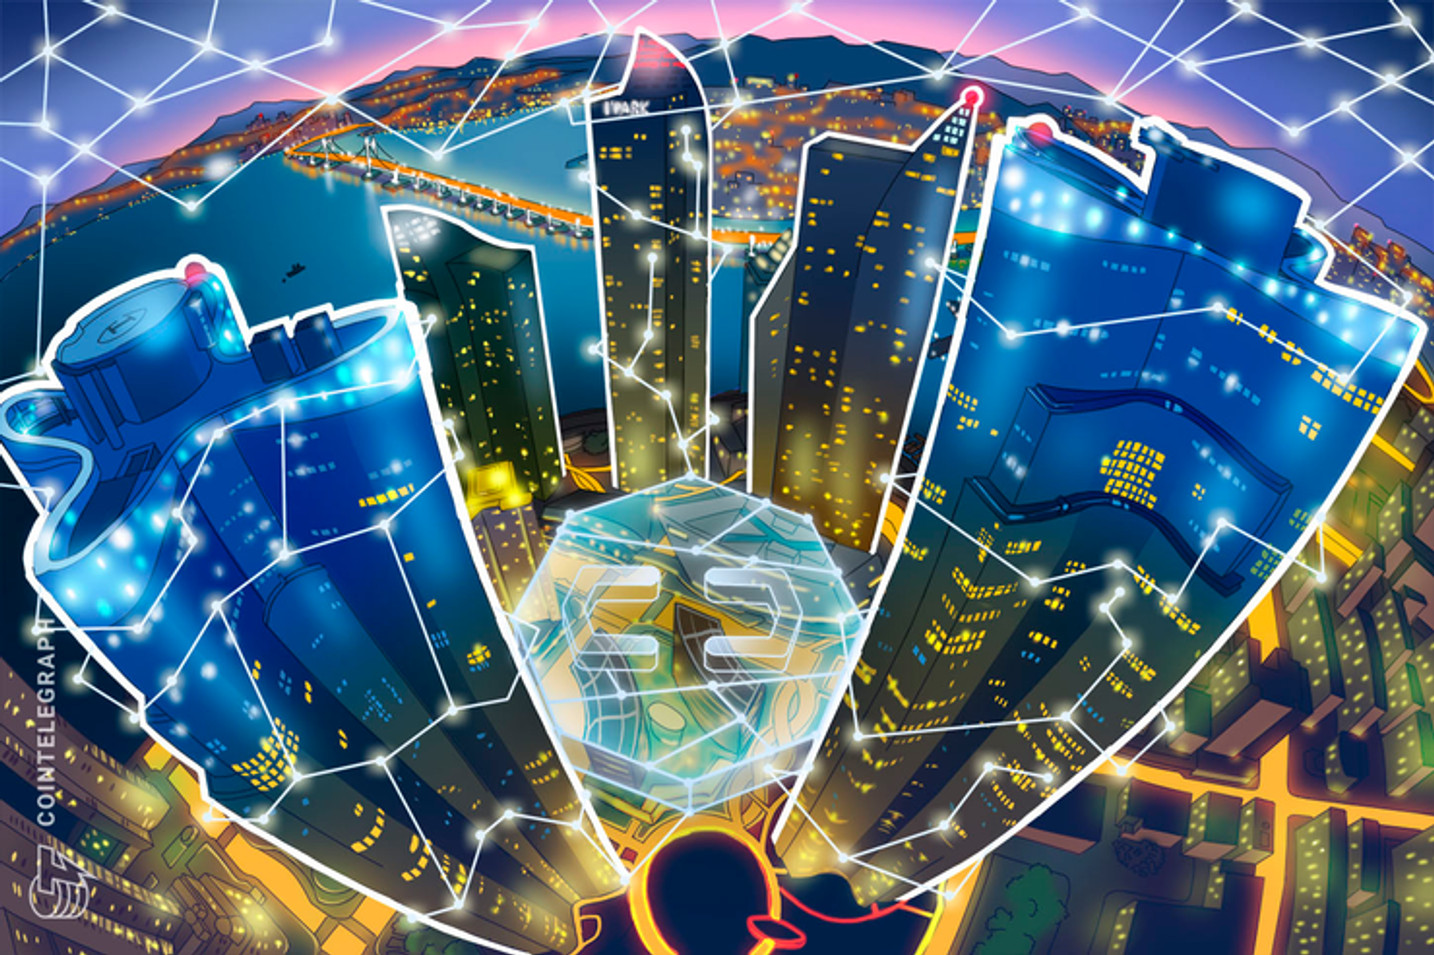 Governo Federal foca em Cidades Inteligentes e libera mais de R$ 5 milhões para projeto em IoT e blockchain